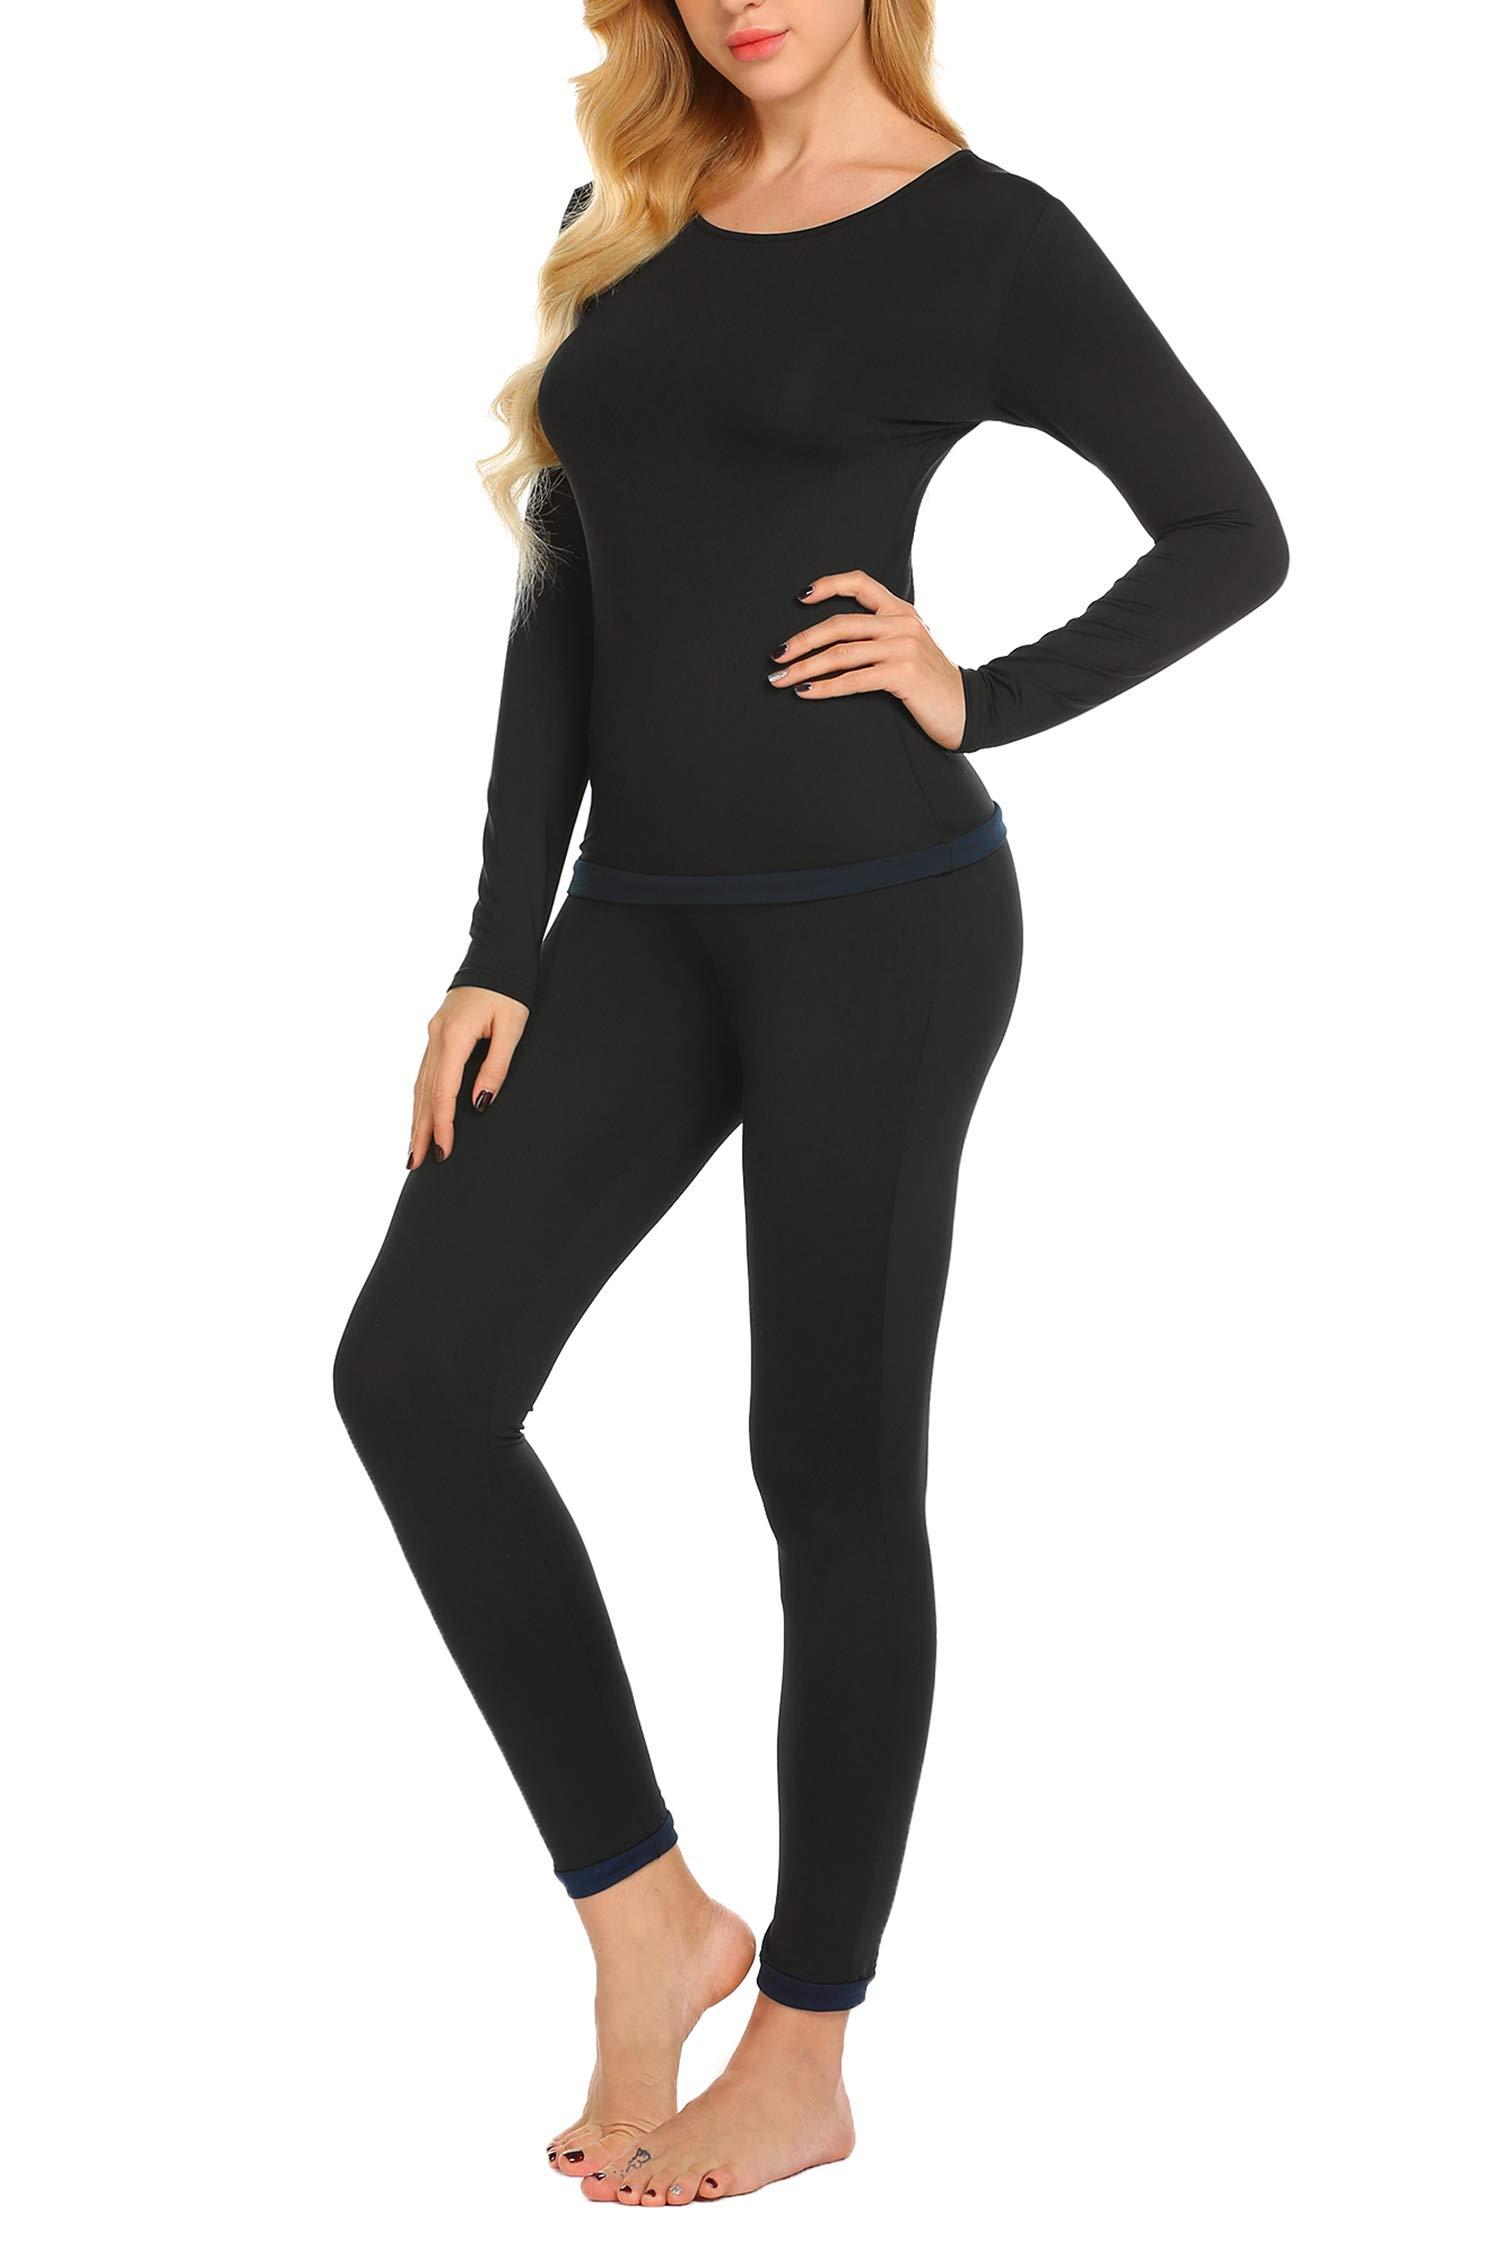 Ekouaer Women's Fleece Lined Thermal Underwear Set Top & Bottom (Black L)